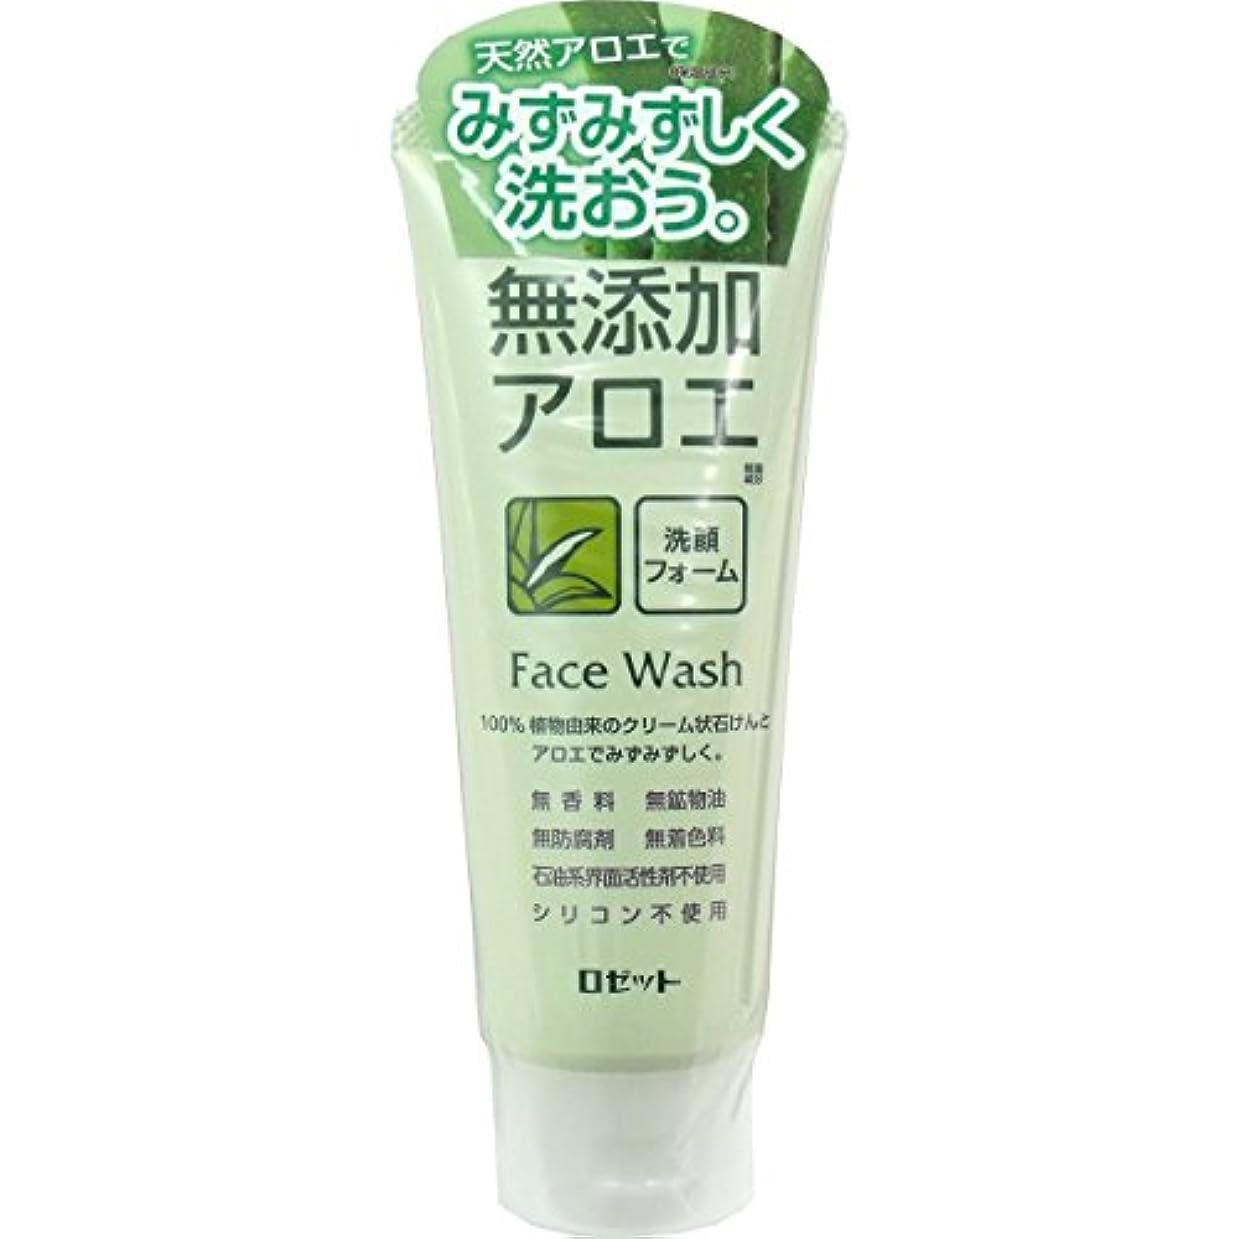 また無限大愛【ロゼット】無添加アロエ 洗顔フォーム 140g ×20個セット